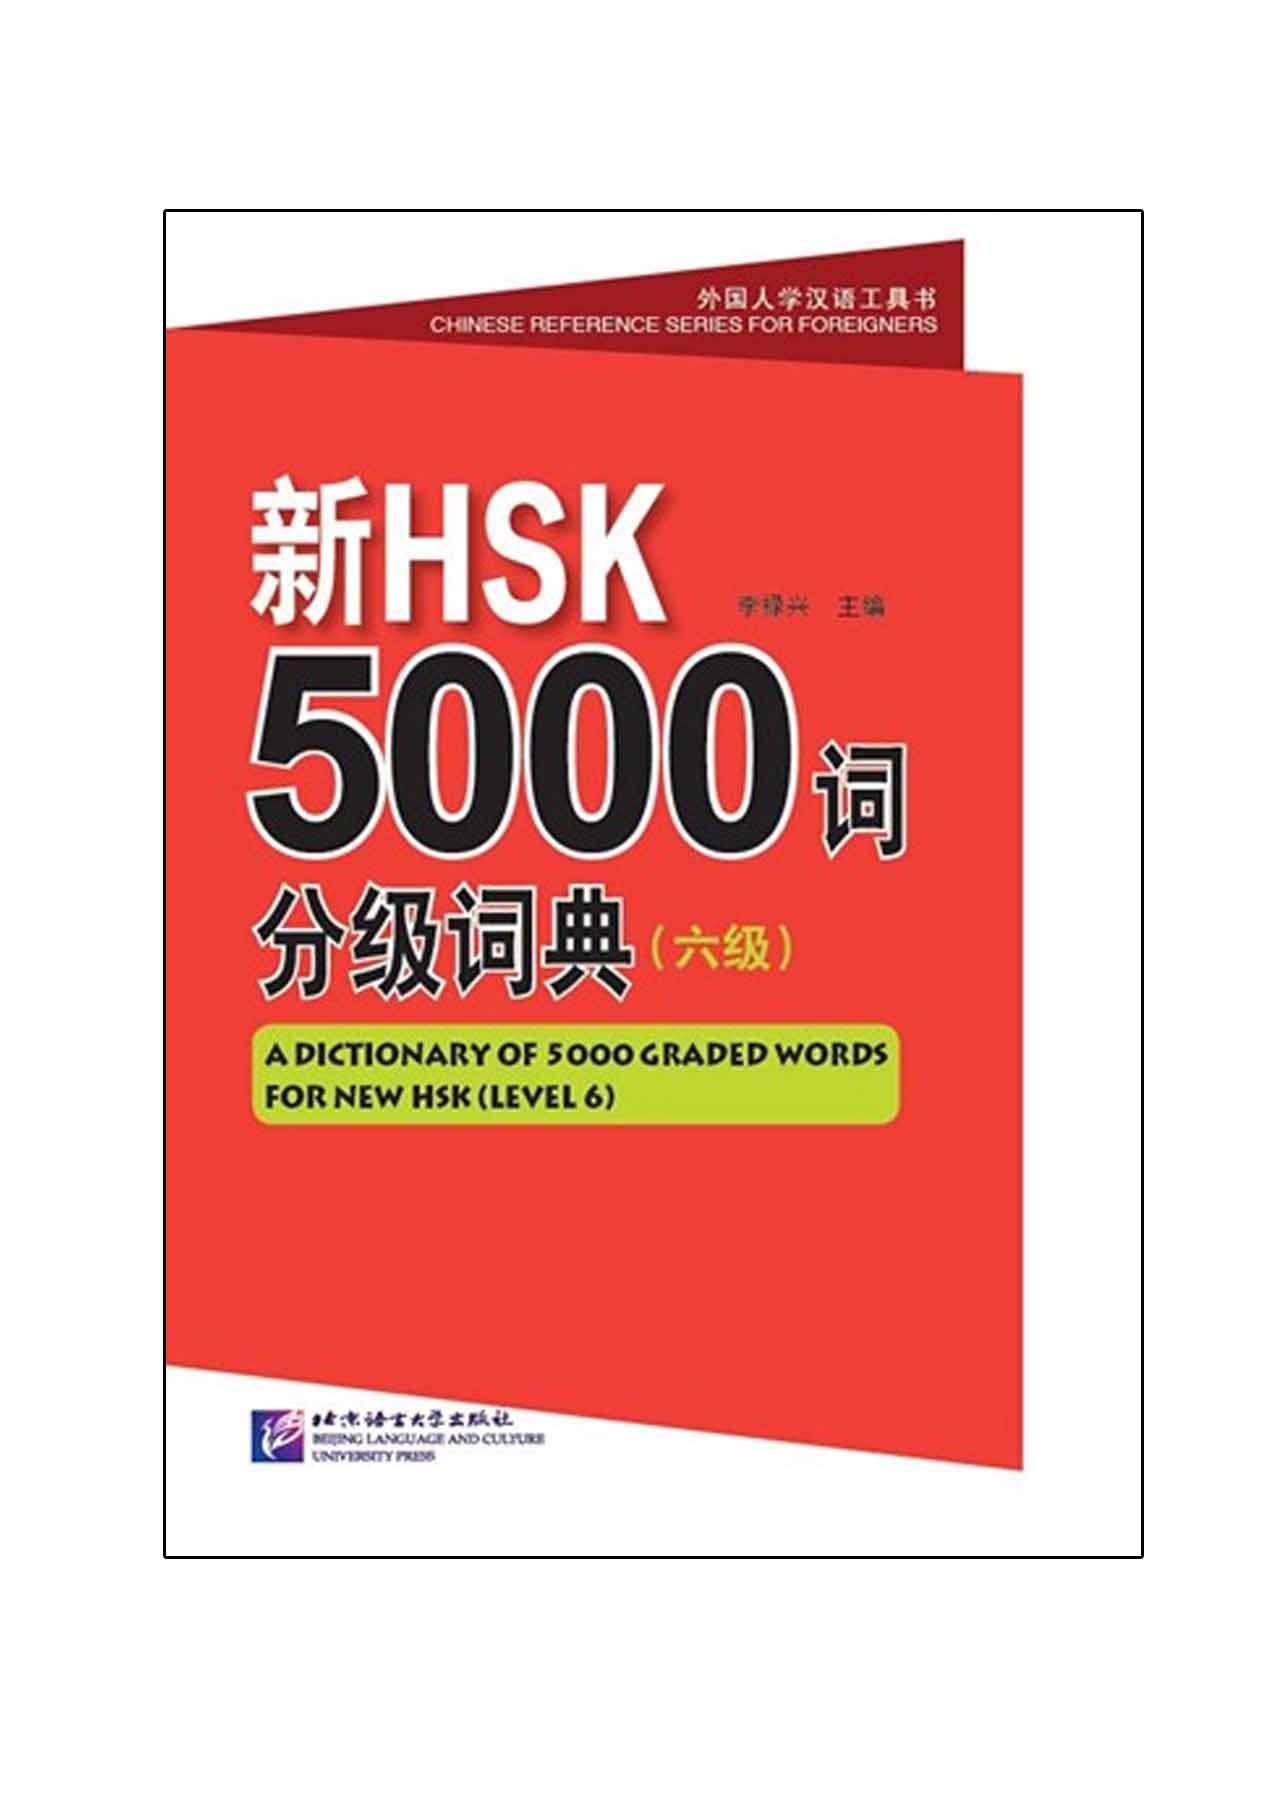 พจนานุกรมรวมคำศัพท์จีน 5000 คำ HSK ระดับสูง